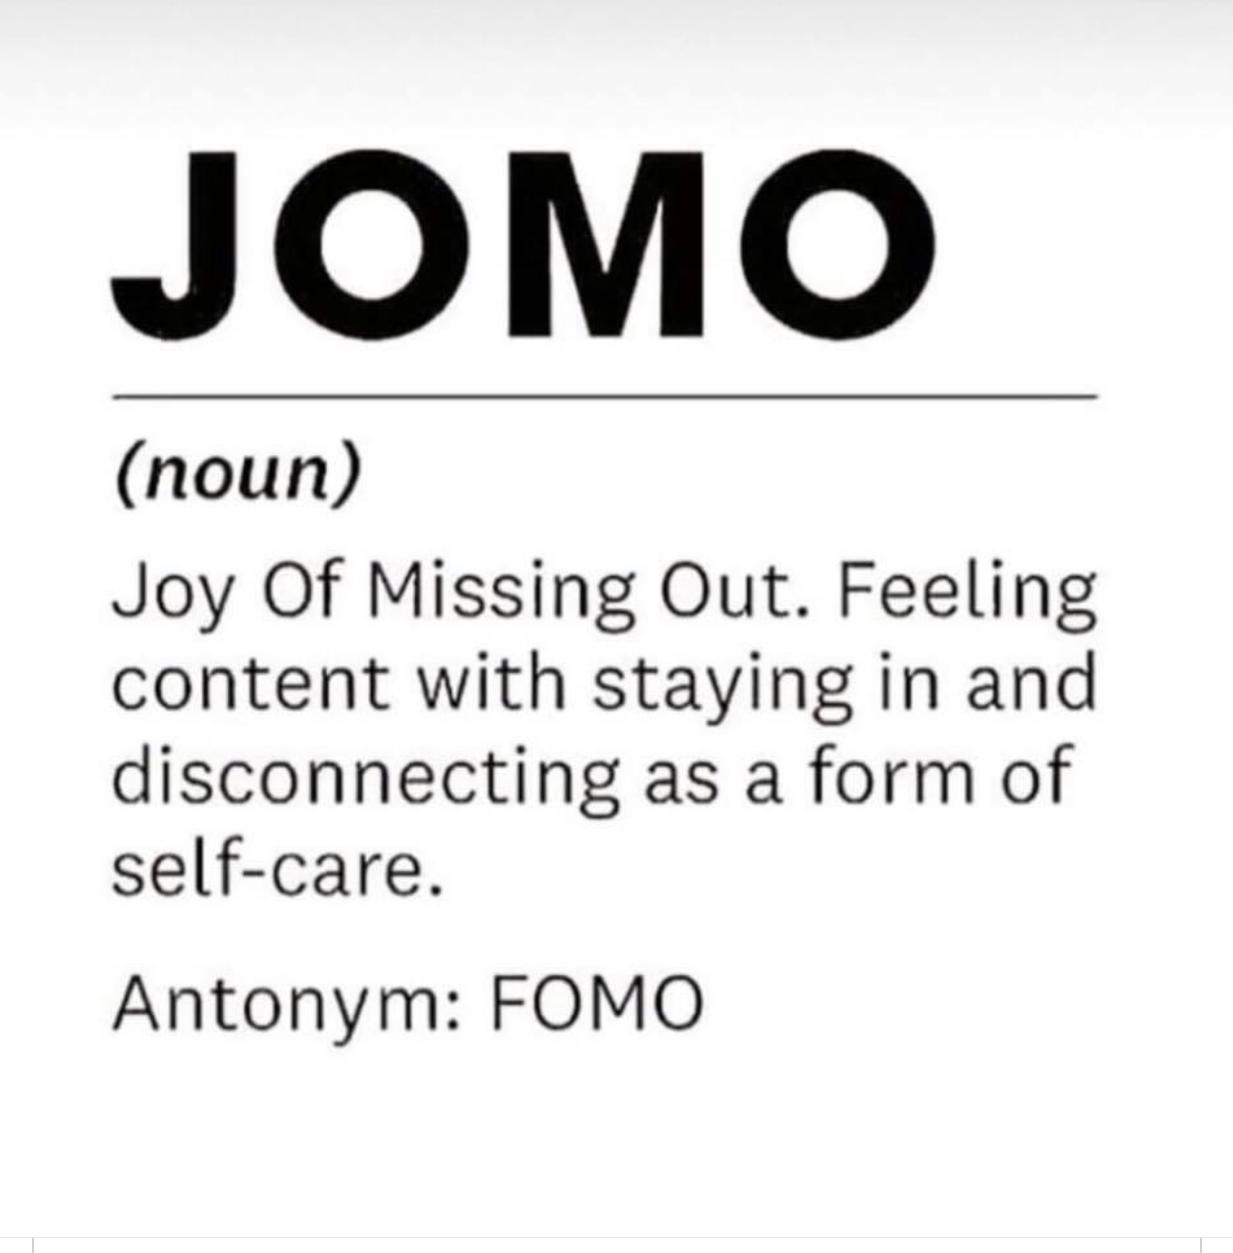 https://quantumsobriety.com/jomo/